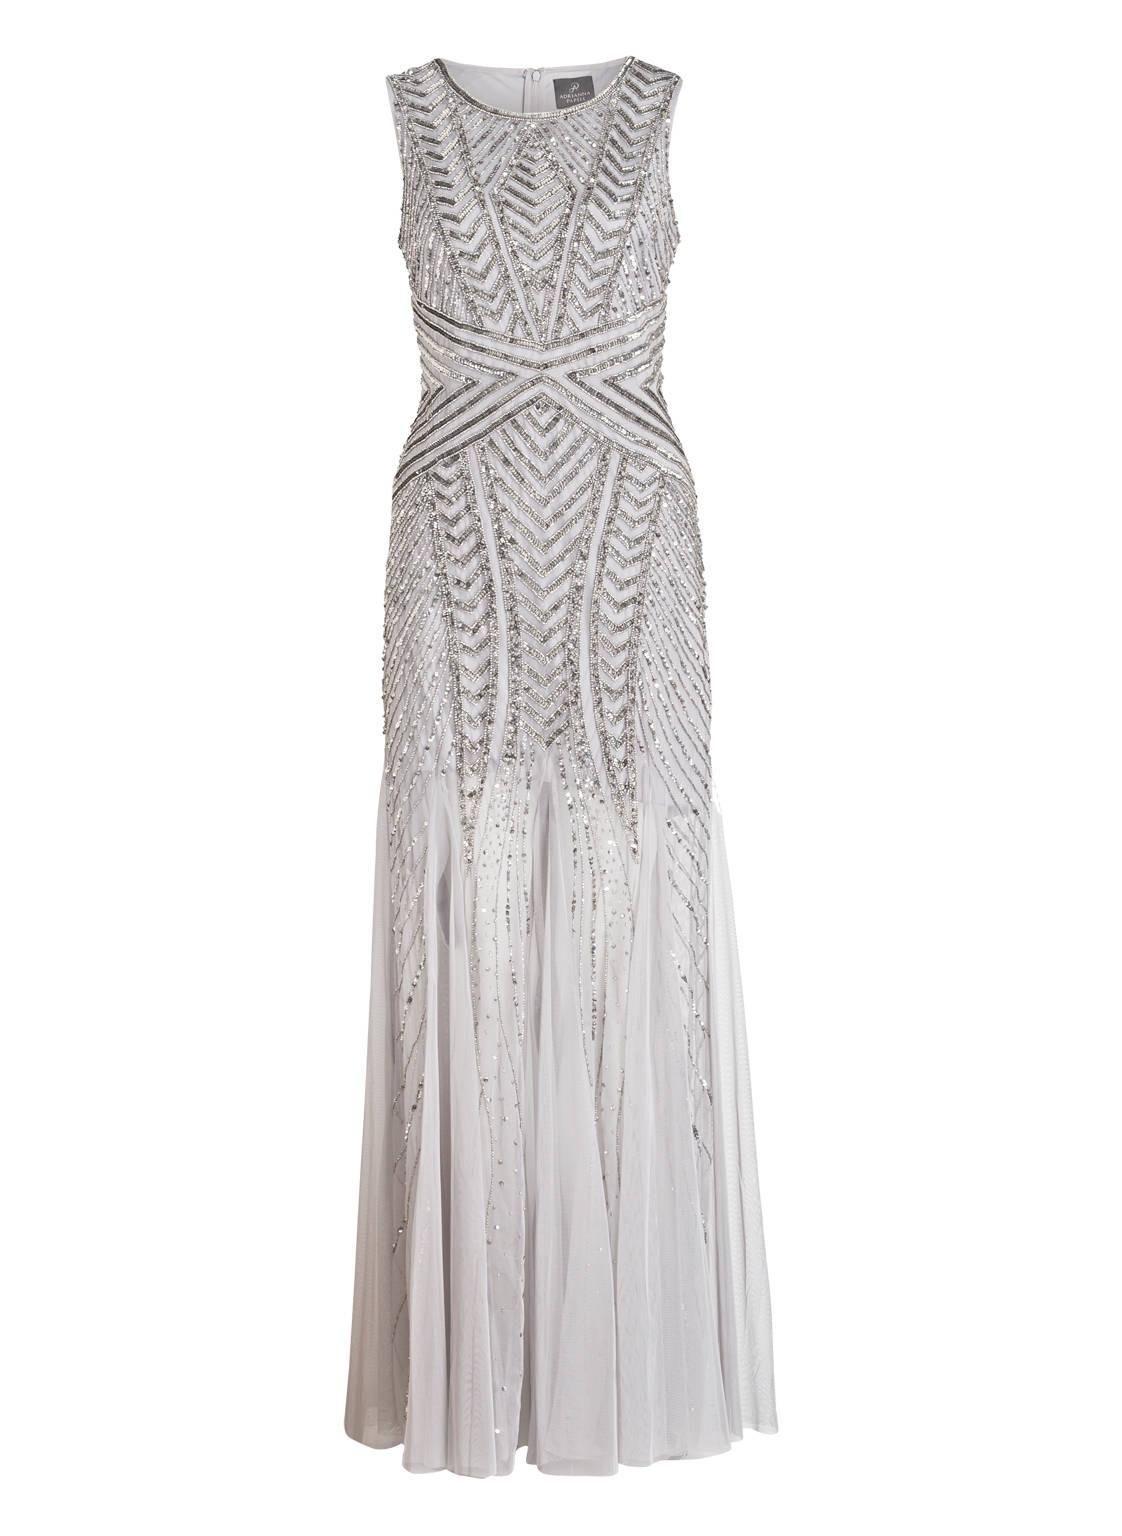 15 Erstaunlich Damen Kleider Online Shop ÄrmelFormal Perfekt Damen Kleider Online Shop Vertrieb